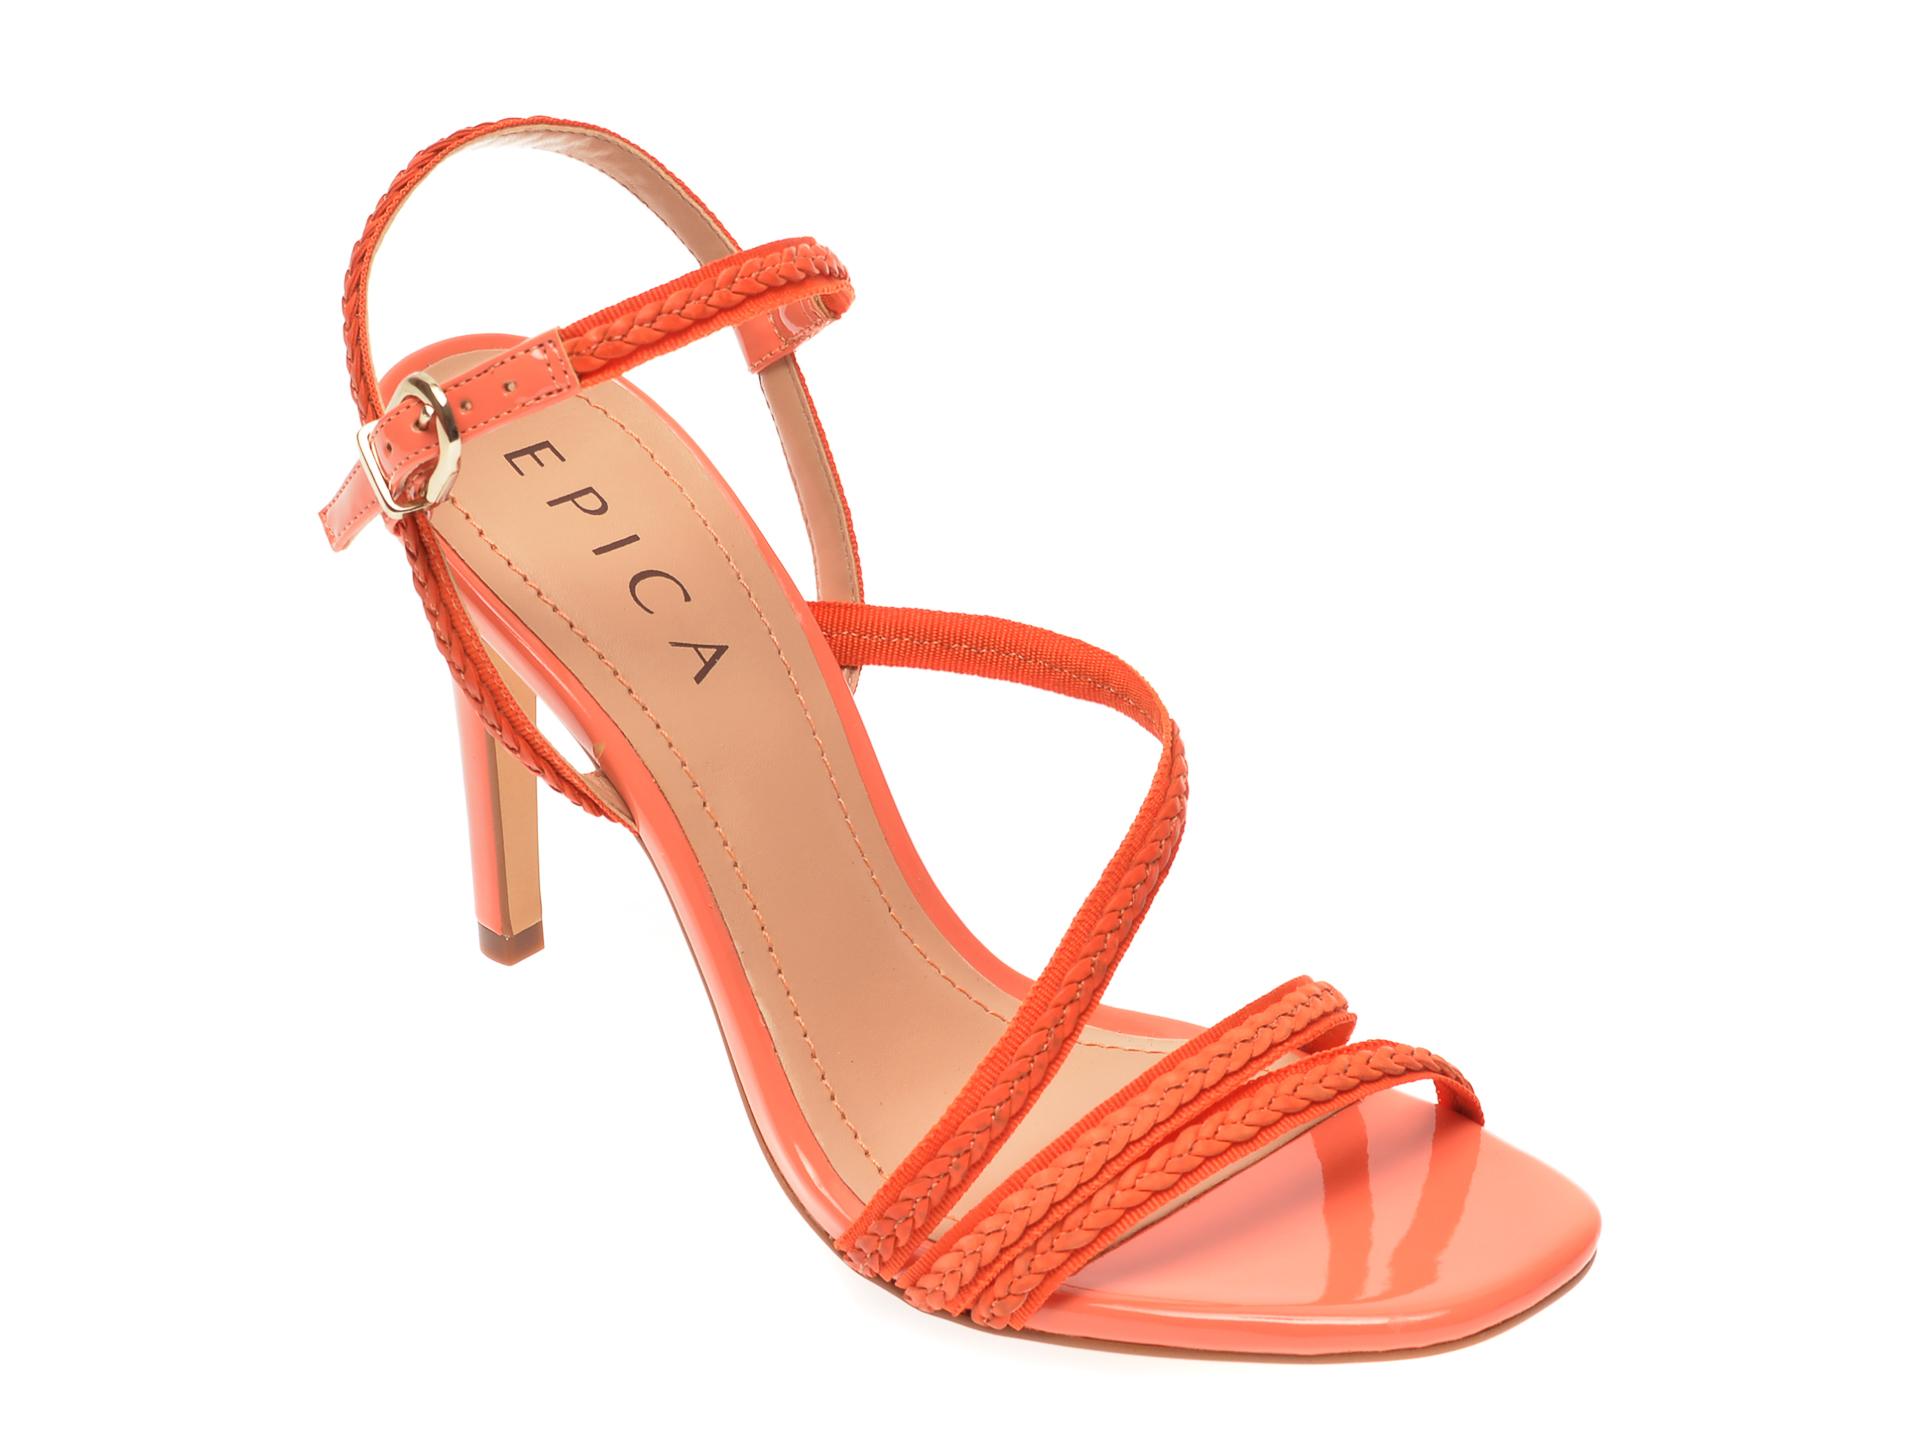 Sandale EPICA portocalii, 7128, din material textil